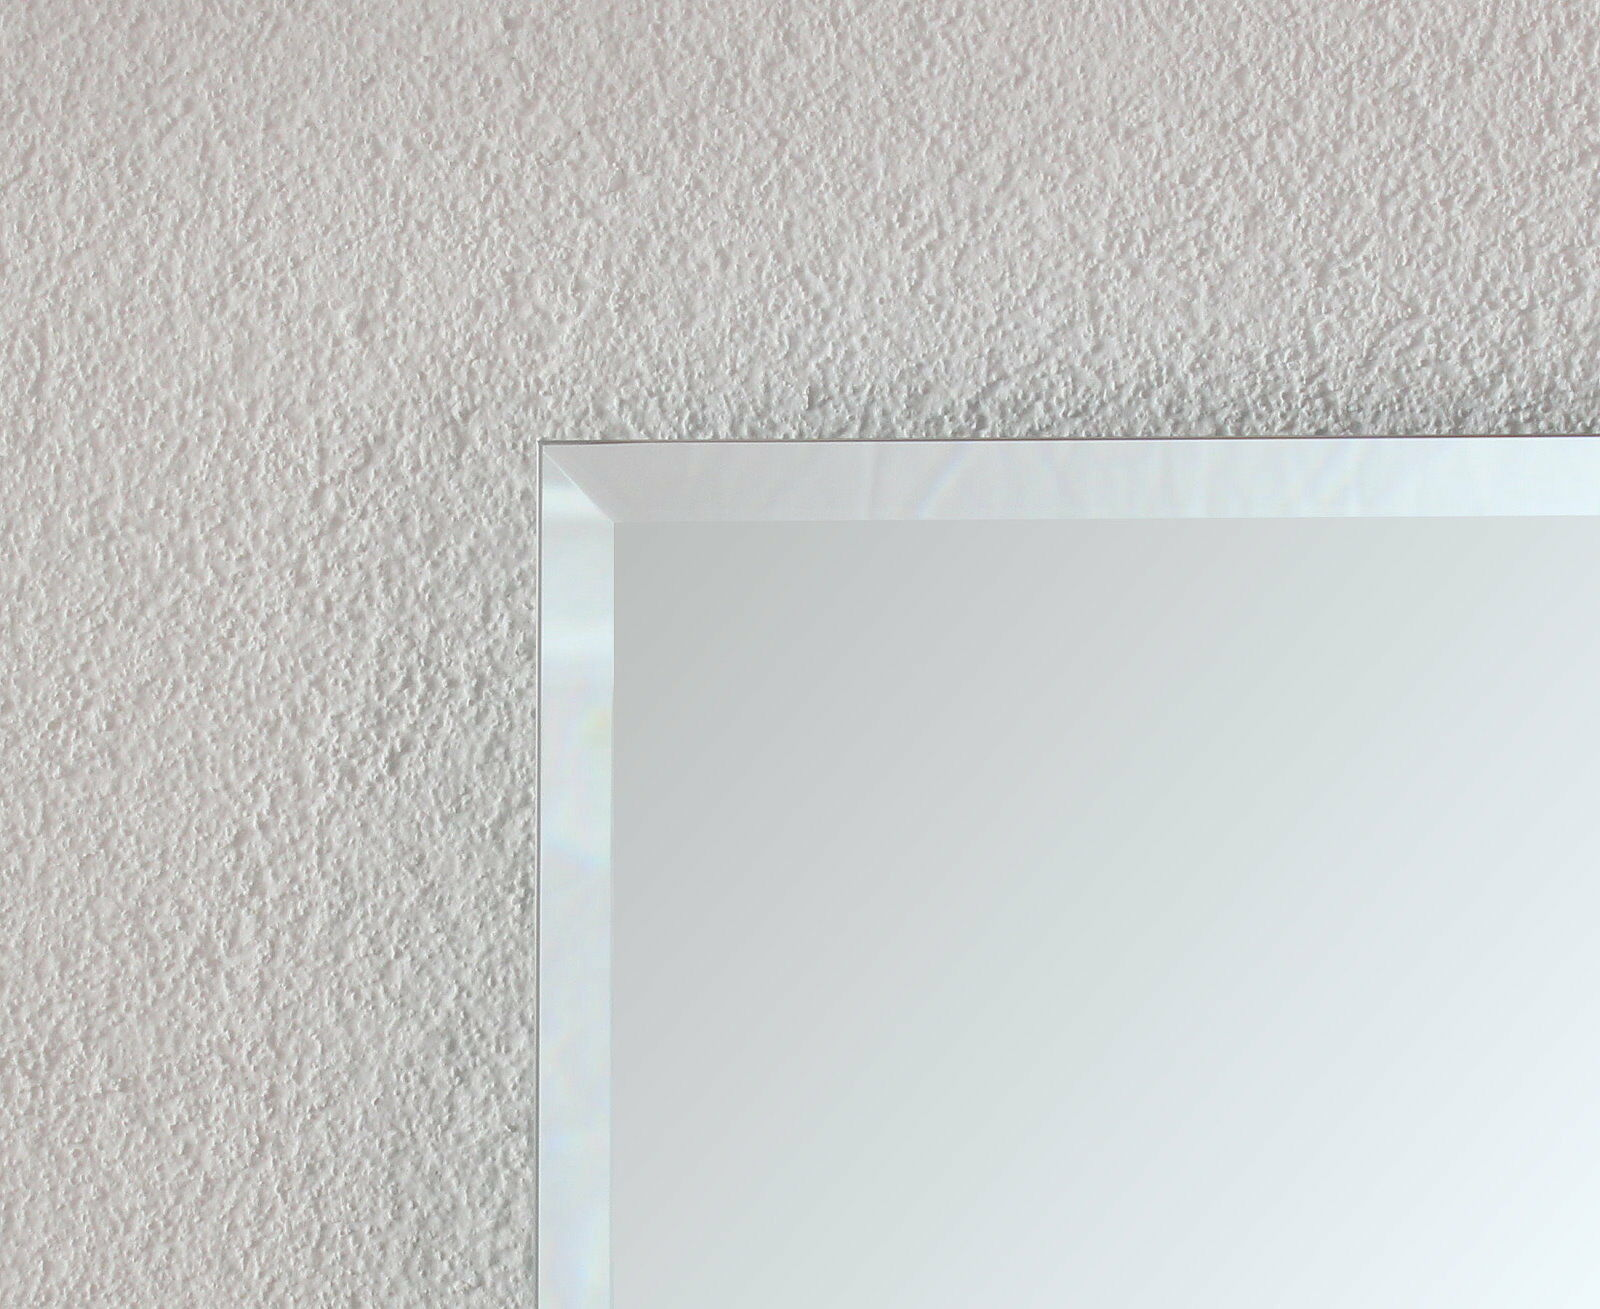 Spiegel Bestellen 6 : Spiegel bad wandspiegel 4 6 4 6 mm stÄrke auf maß online bestellen